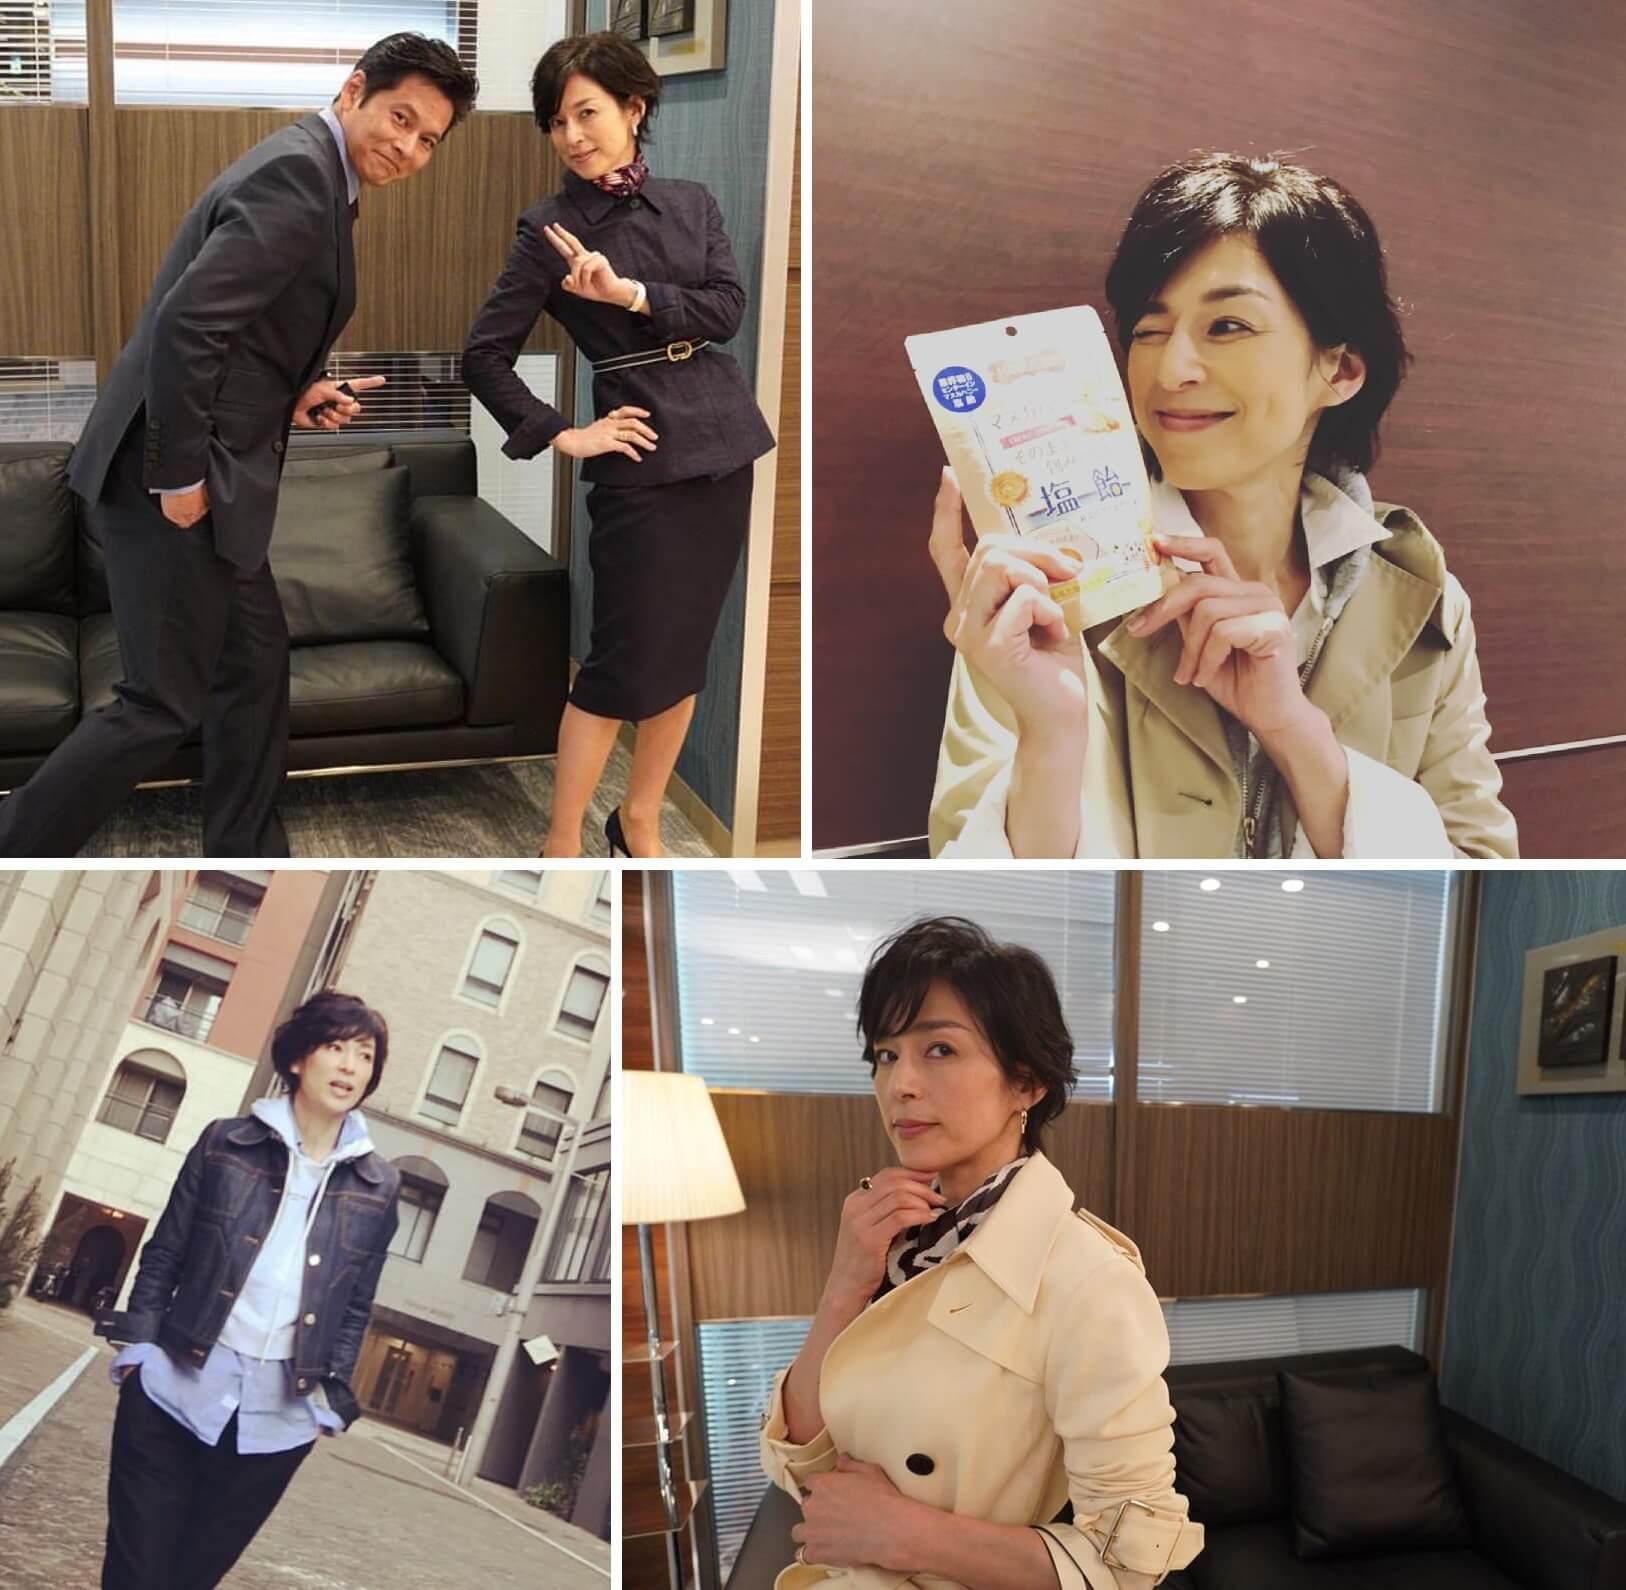 鈴木保奈美近年再活躍幕前演出。